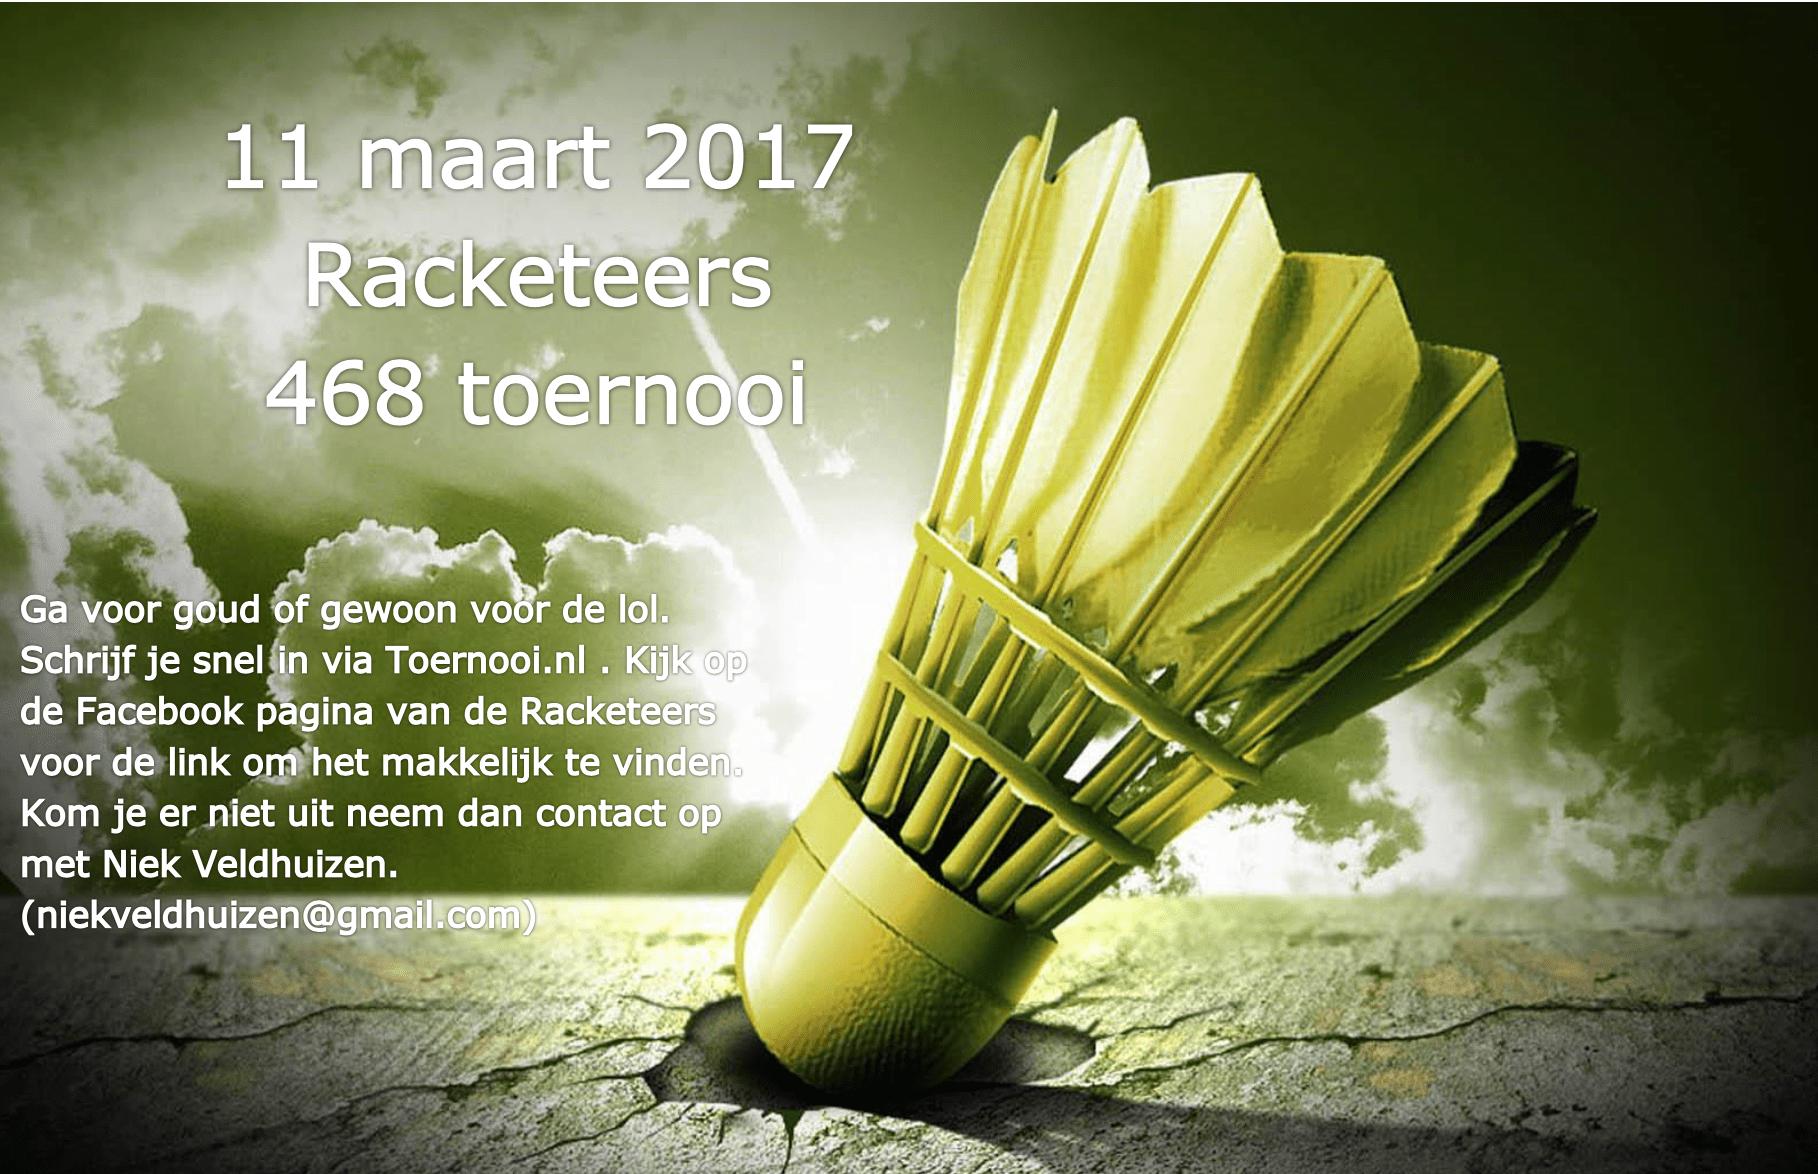 11 maart 2017 Racketeers 468 toernooi